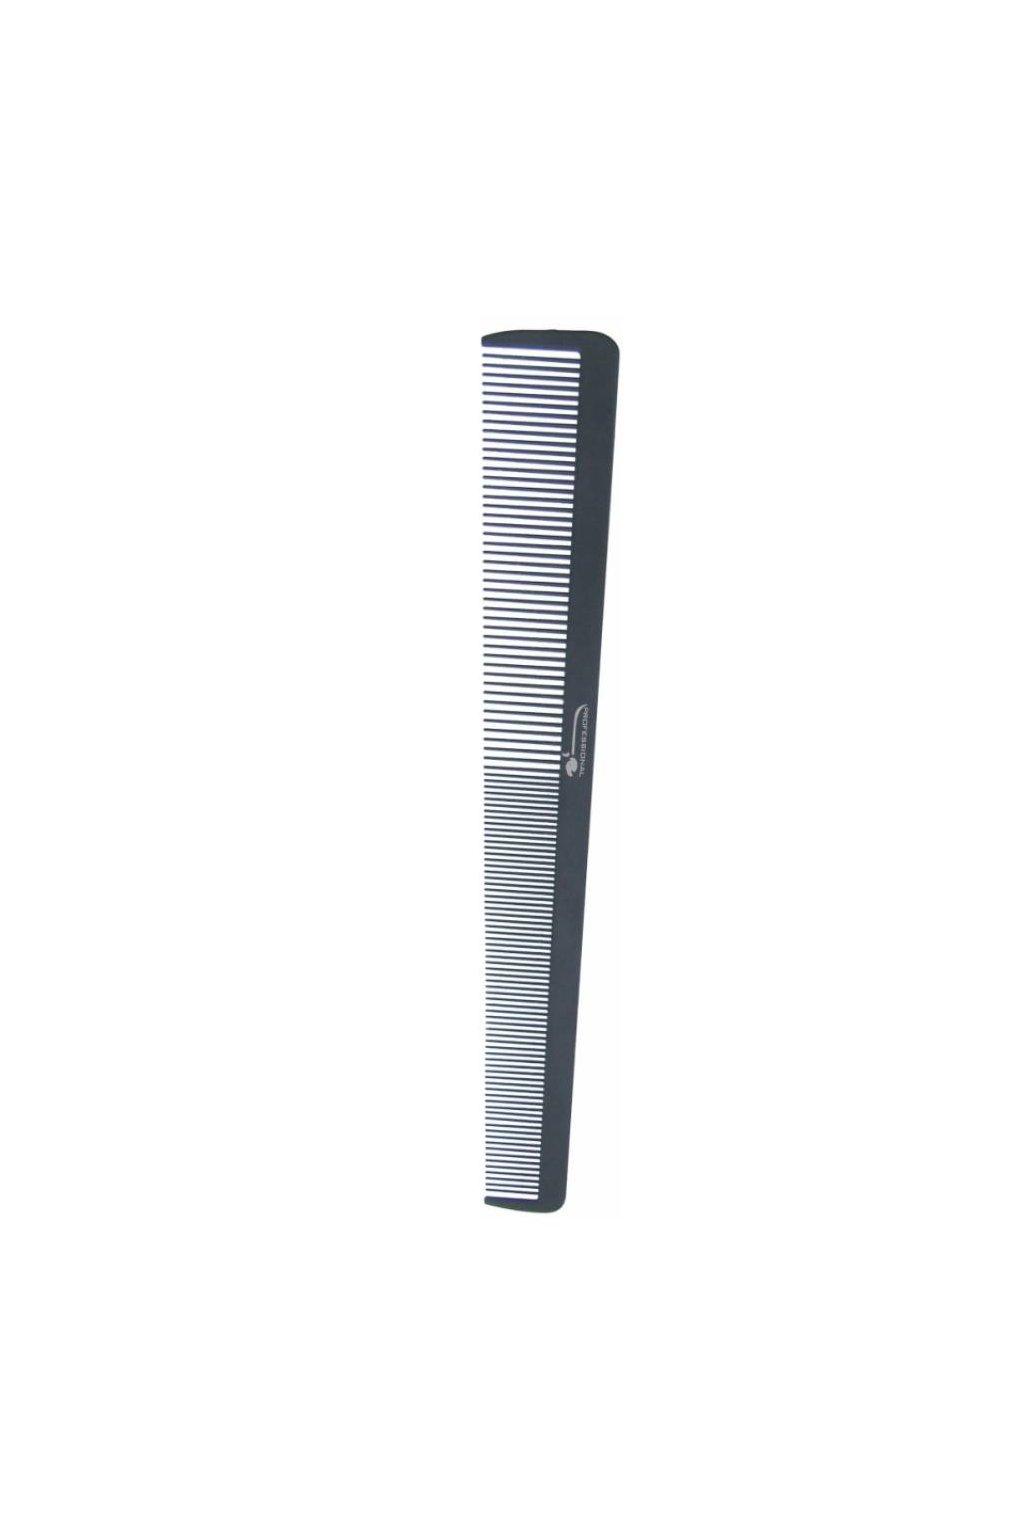 Hřeben DELRIN POM dlouhý, výrazné rozšíření, řídký/hustý 20,2cm